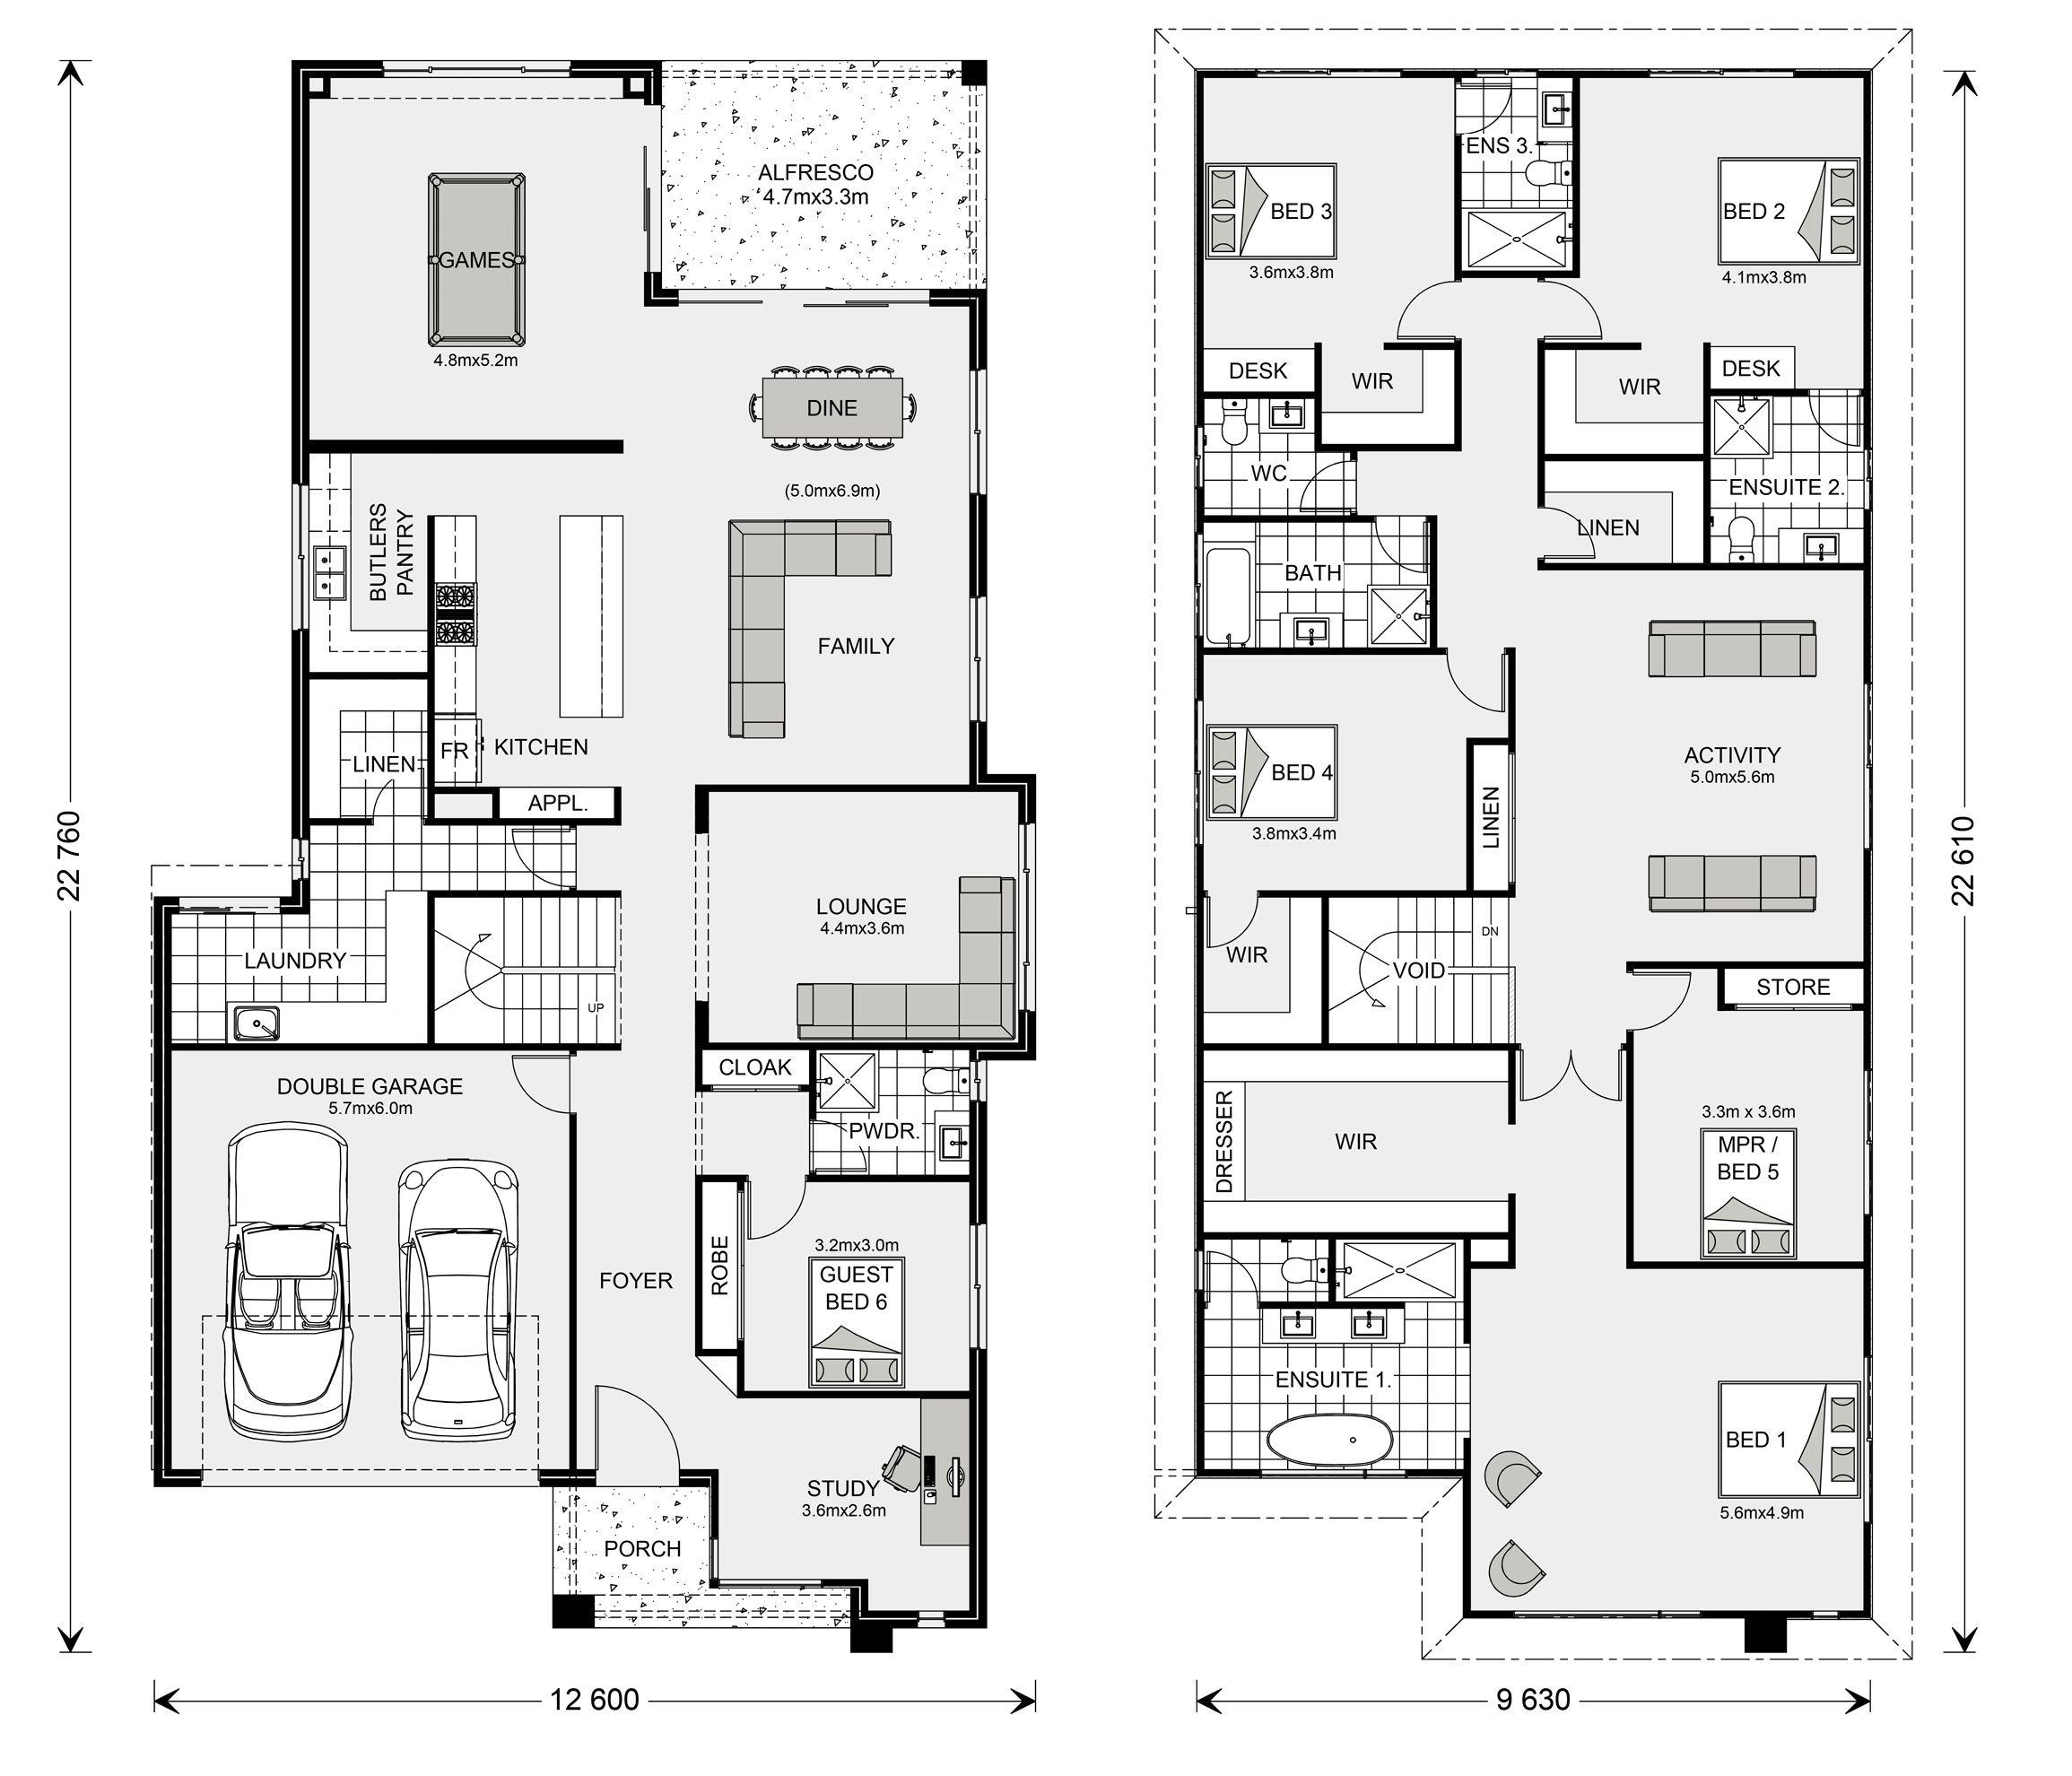 Manhattan home designs in newcastle   gardner homes also best ideas images on pinterest cottage exterior rh